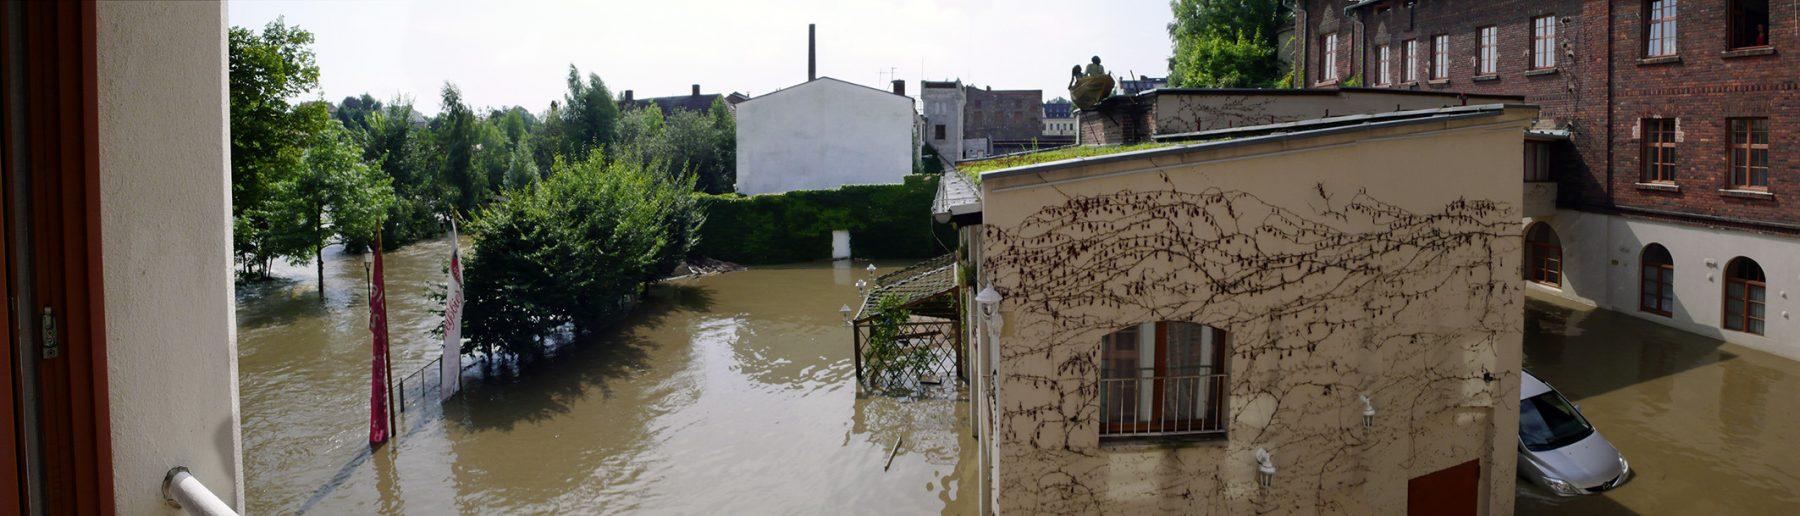 Görlitz, Hochwasser